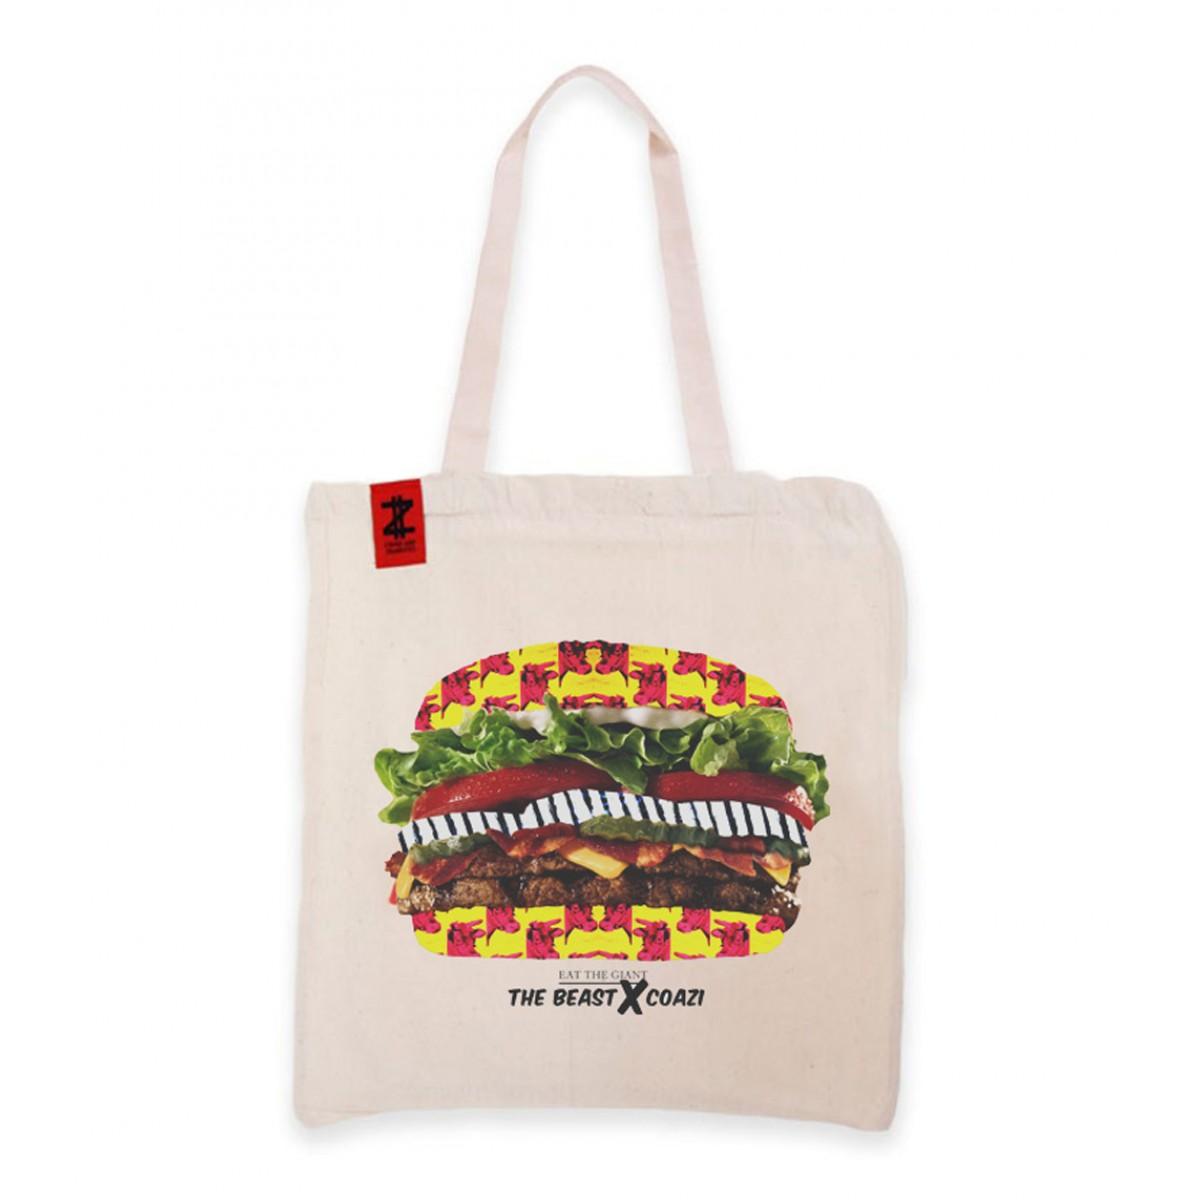 Coazi Giant Burger Jutetasche Beutel